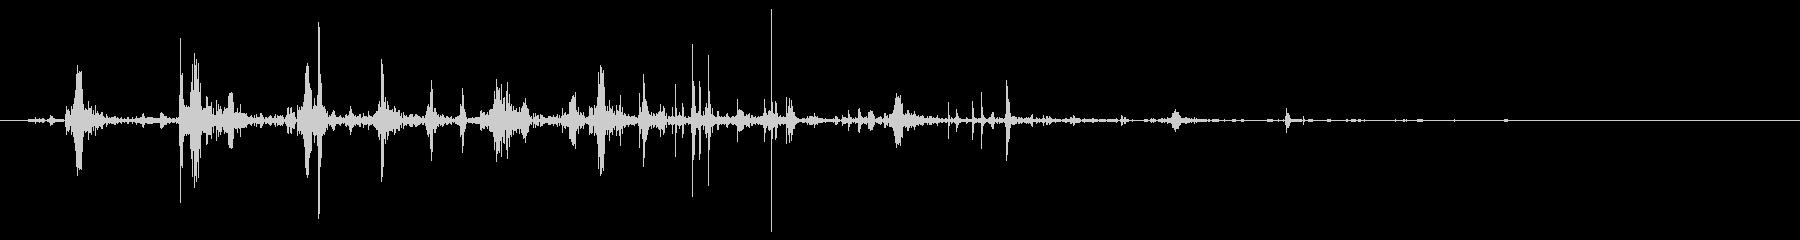 ネバネバ、ヌメヌメとした不気味な音C#1の未再生の波形